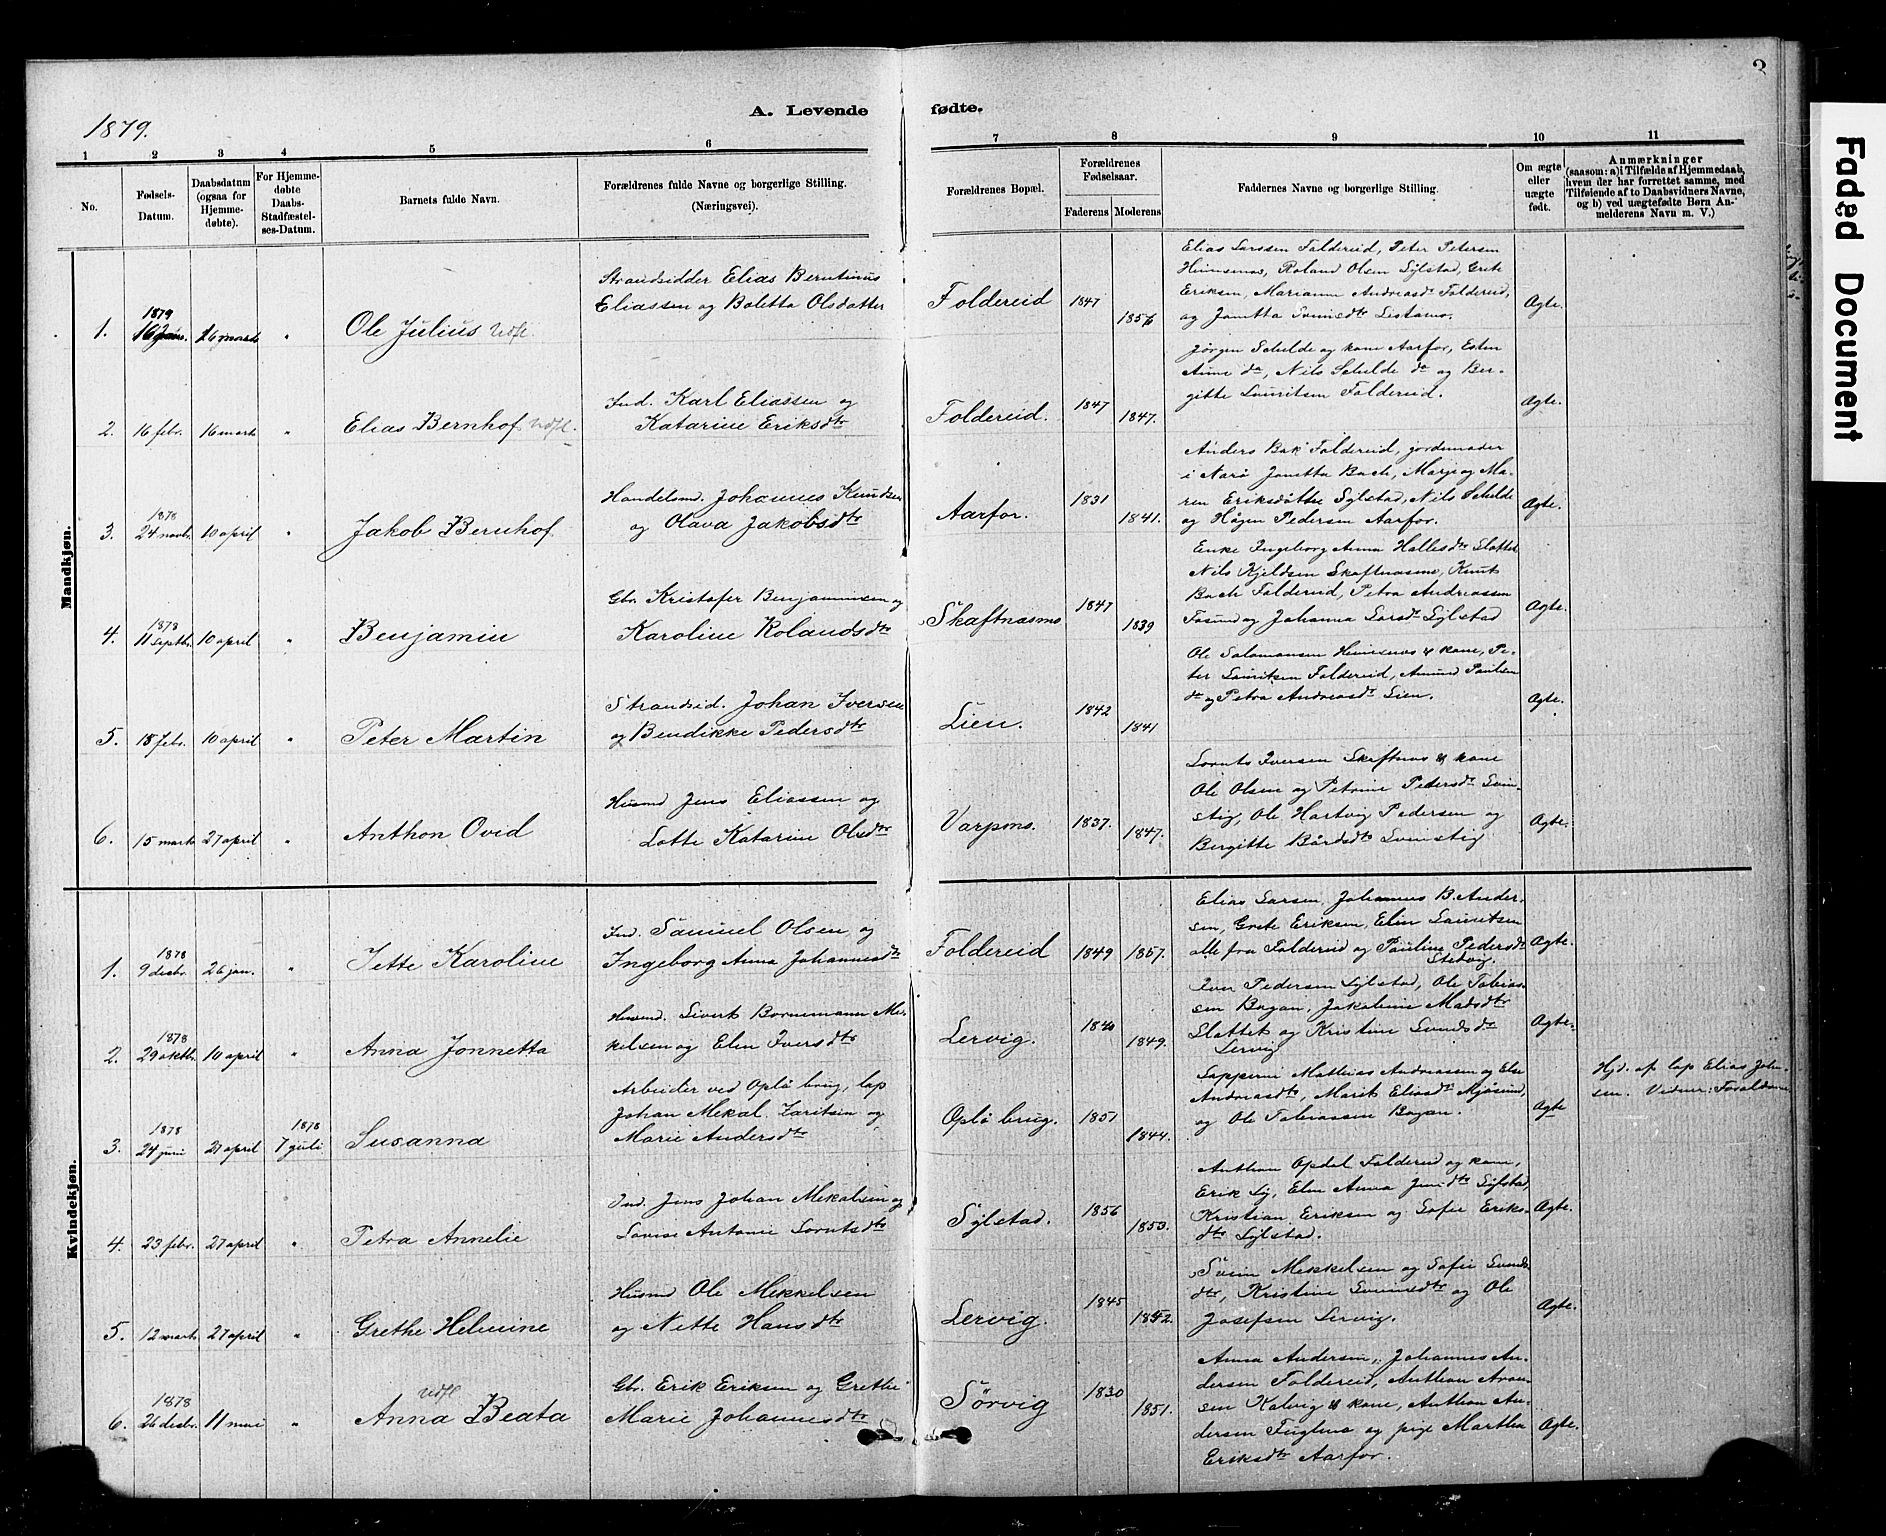 SAT, Ministerialprotokoller, klokkerbøker og fødselsregistre - Nord-Trøndelag, 783/L0661: Klokkerbok nr. 783C01, 1878-1893, s. 3